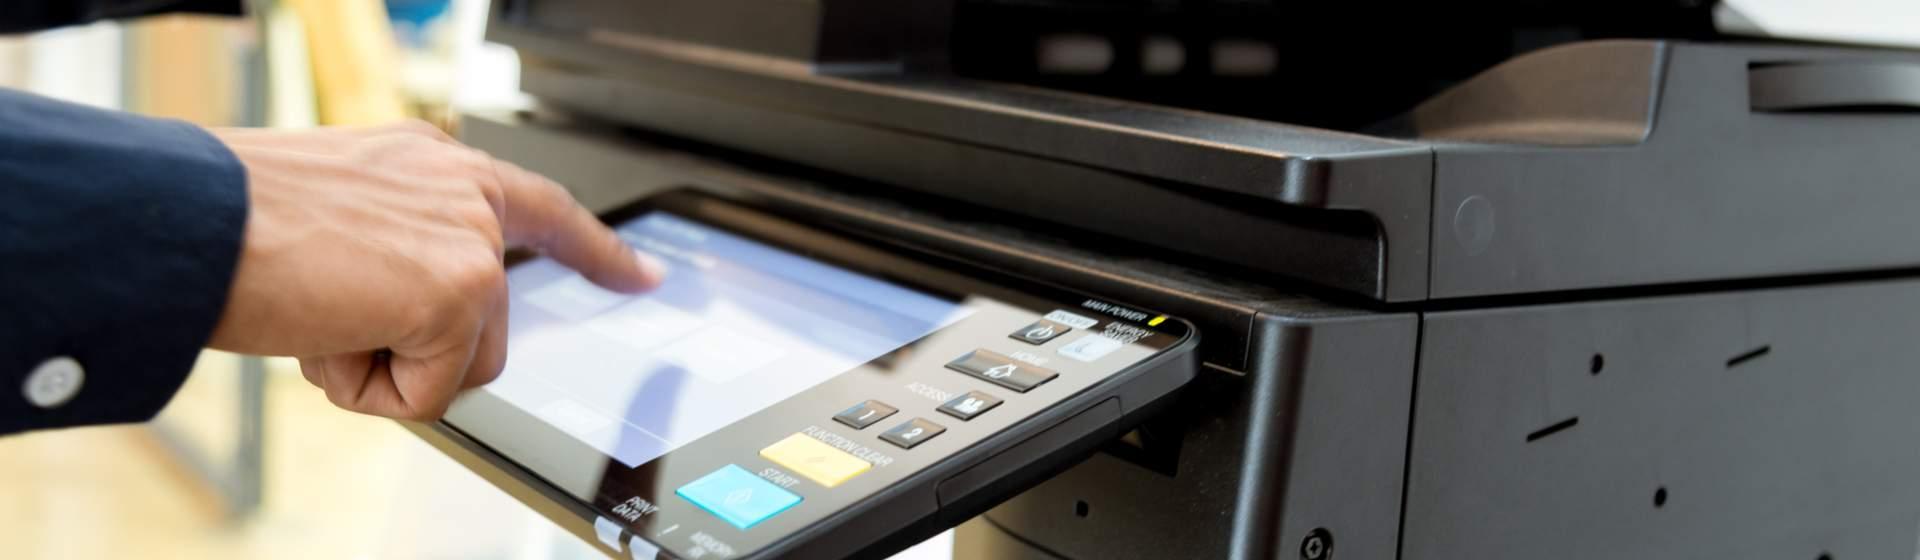 Melhor impressora laser em 2021